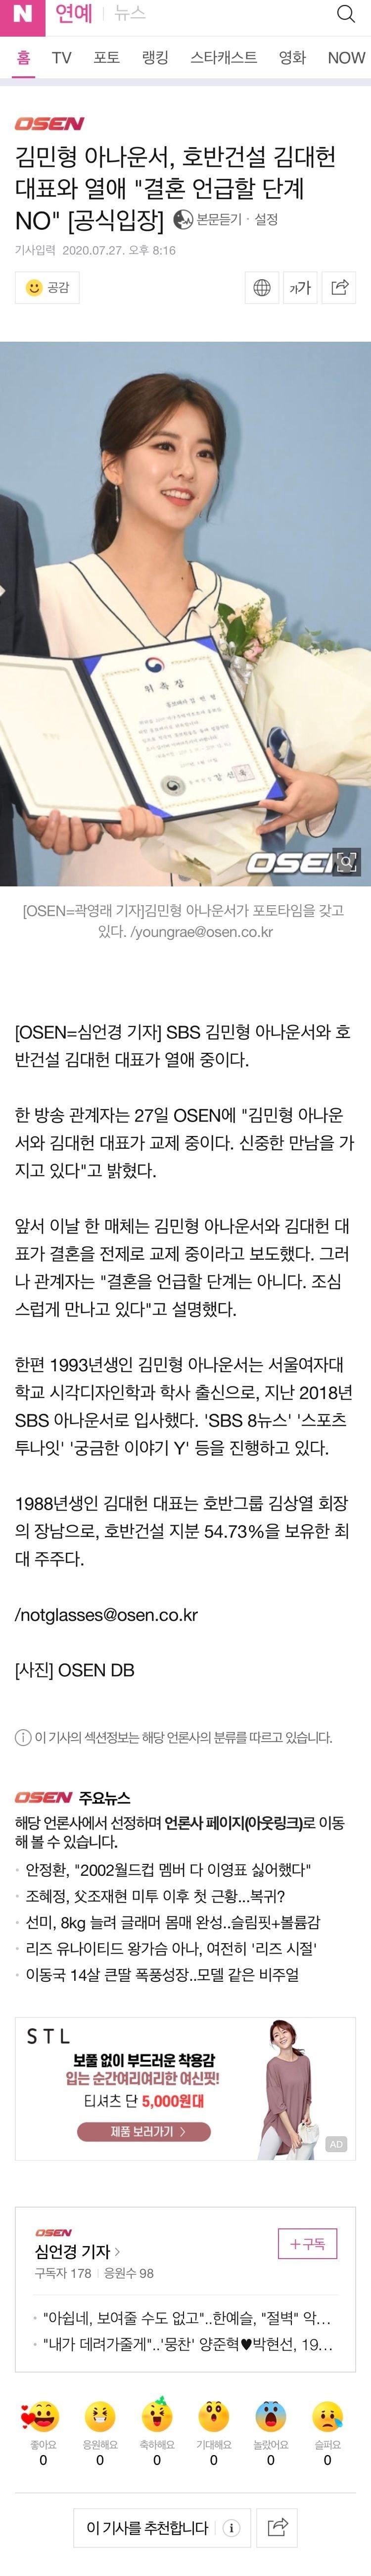 김민형 아나운서, 호반건설 김대헌 대표와 열애